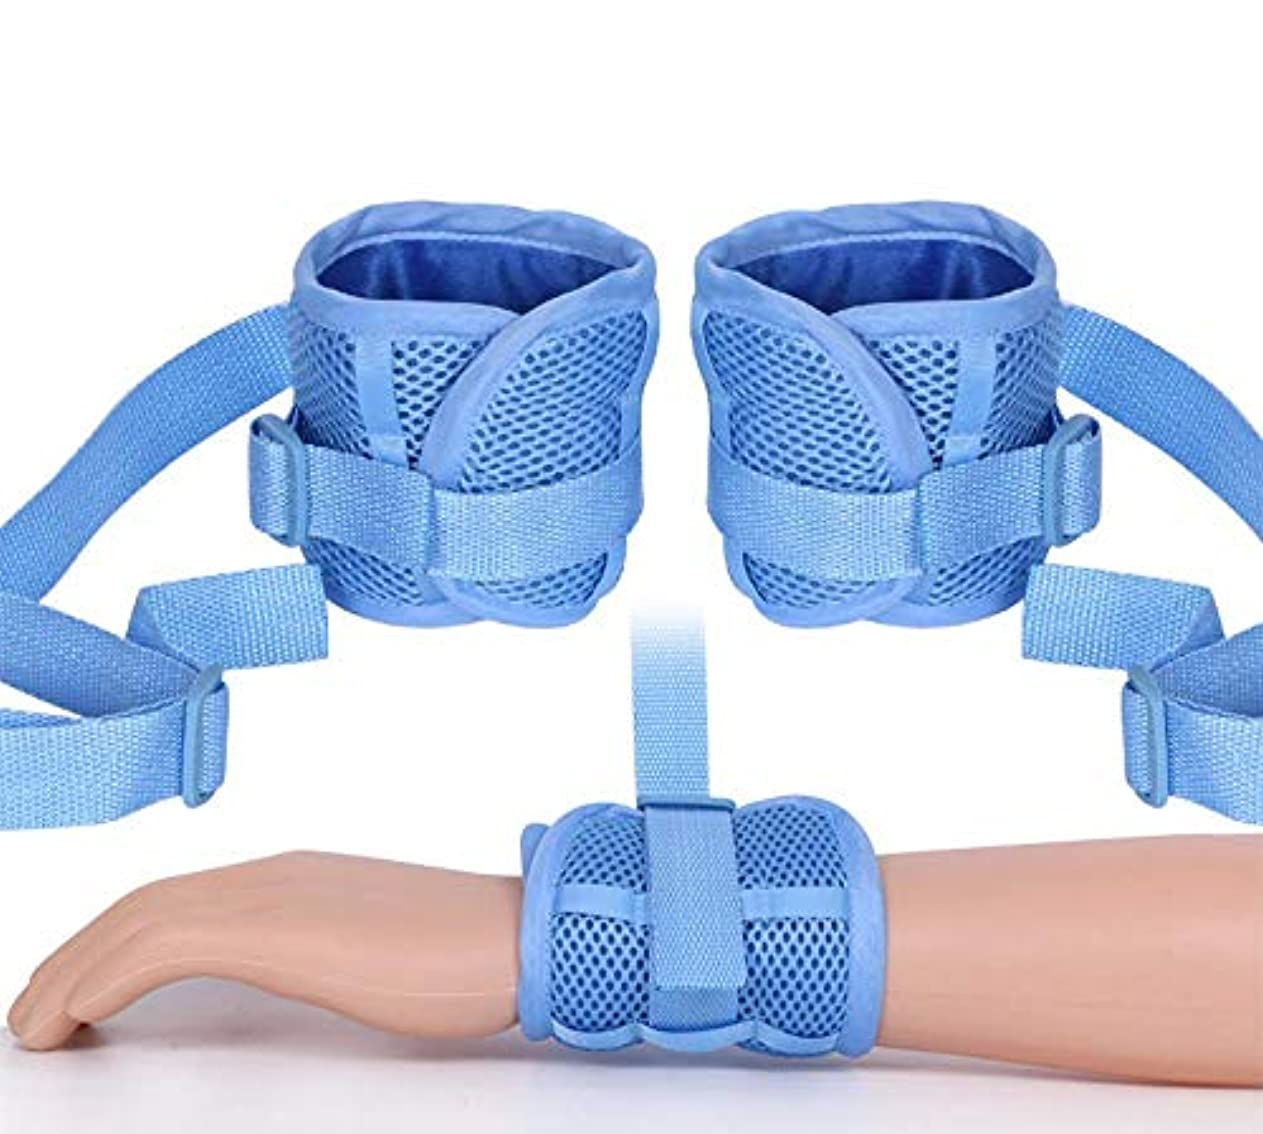 ためにトーストクリーム手や足ユーチューブニバーサル制約コントロールクイックリリース(1ペア)のための制御四肢ホルダー医療拘束患者の病院のベッドの四肢ホルダー